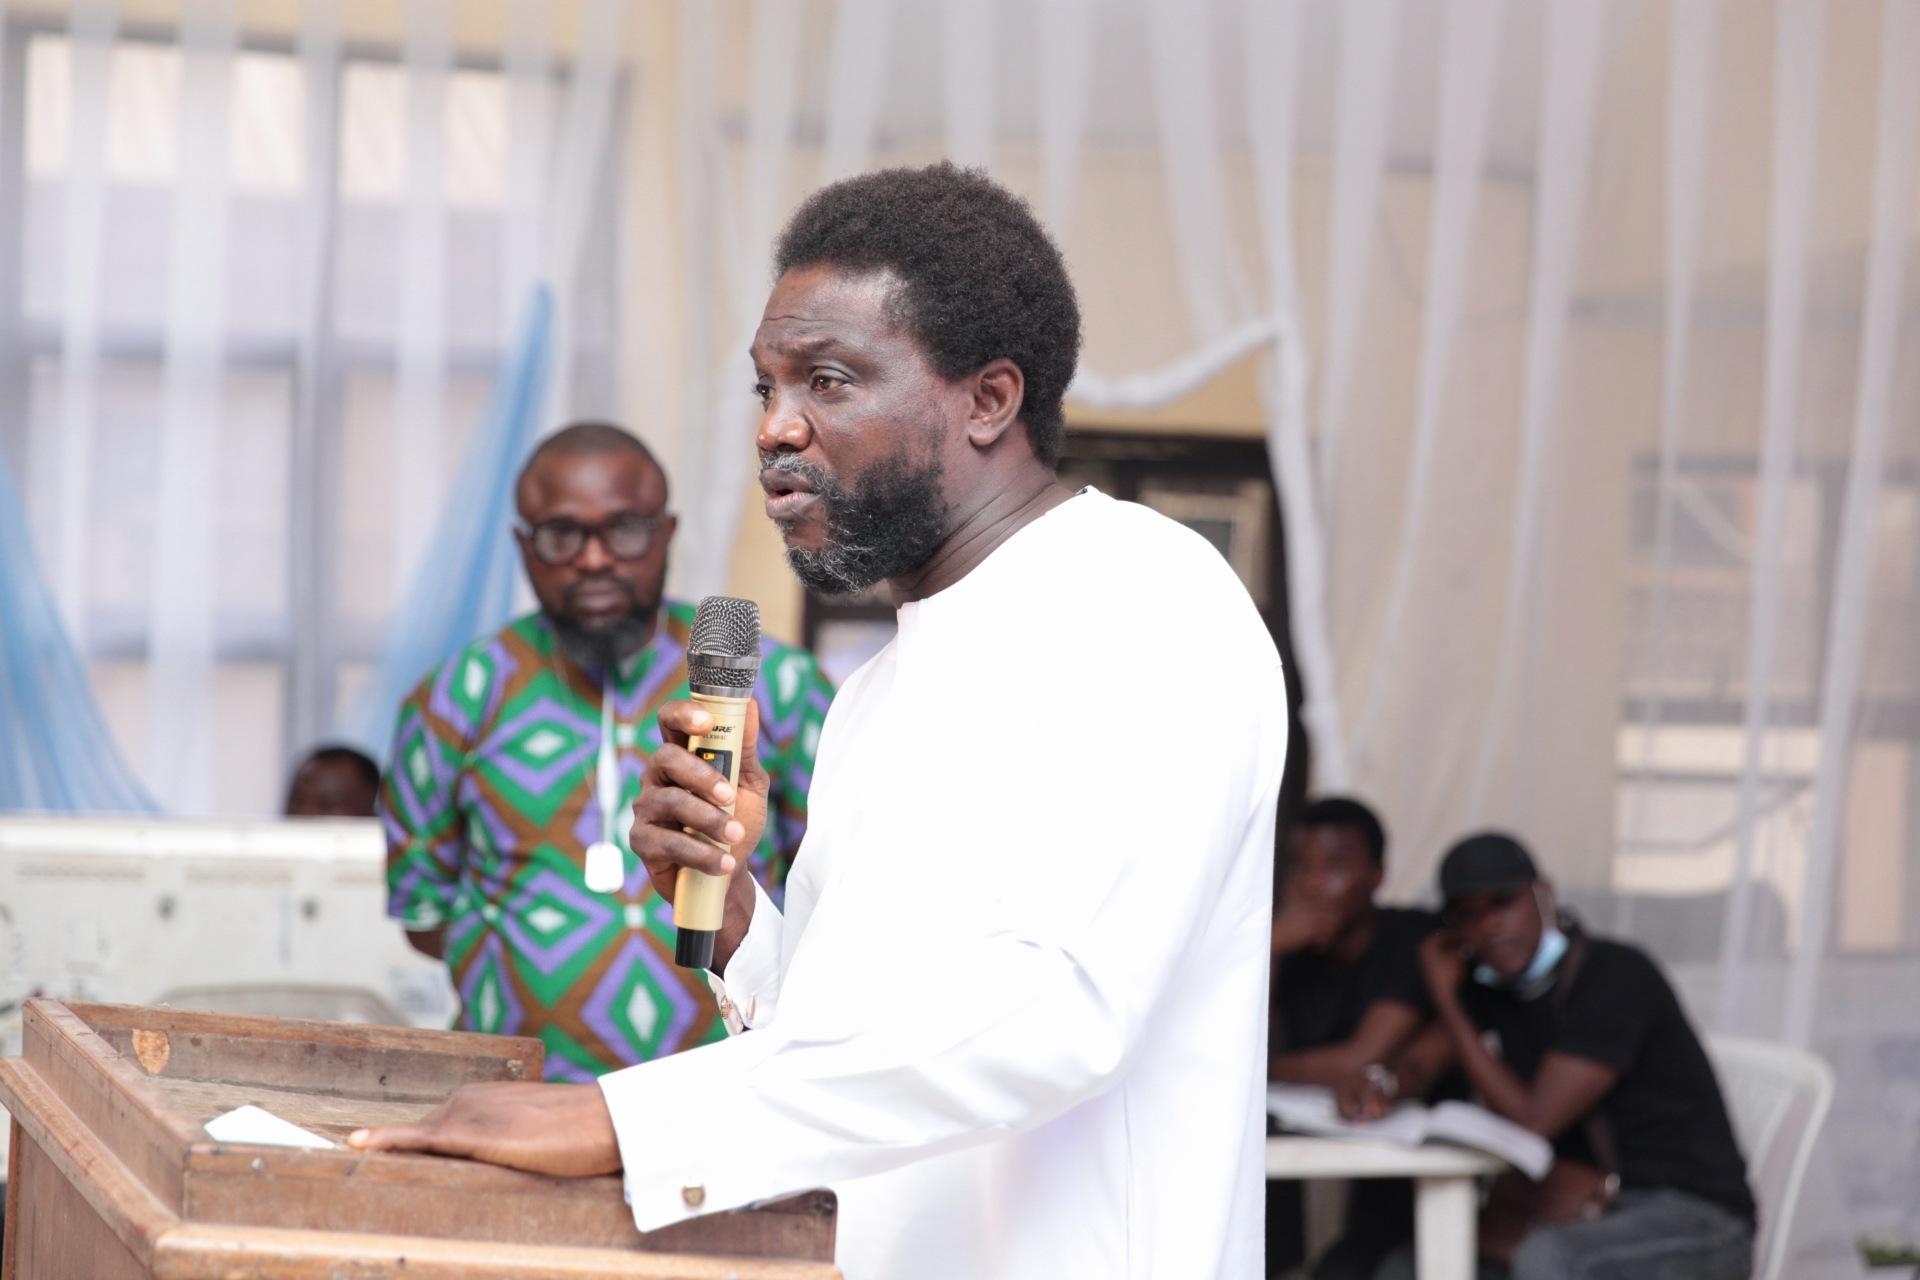 Comrade Ayo Adewale, former chairman of Amuwo Odofin LG